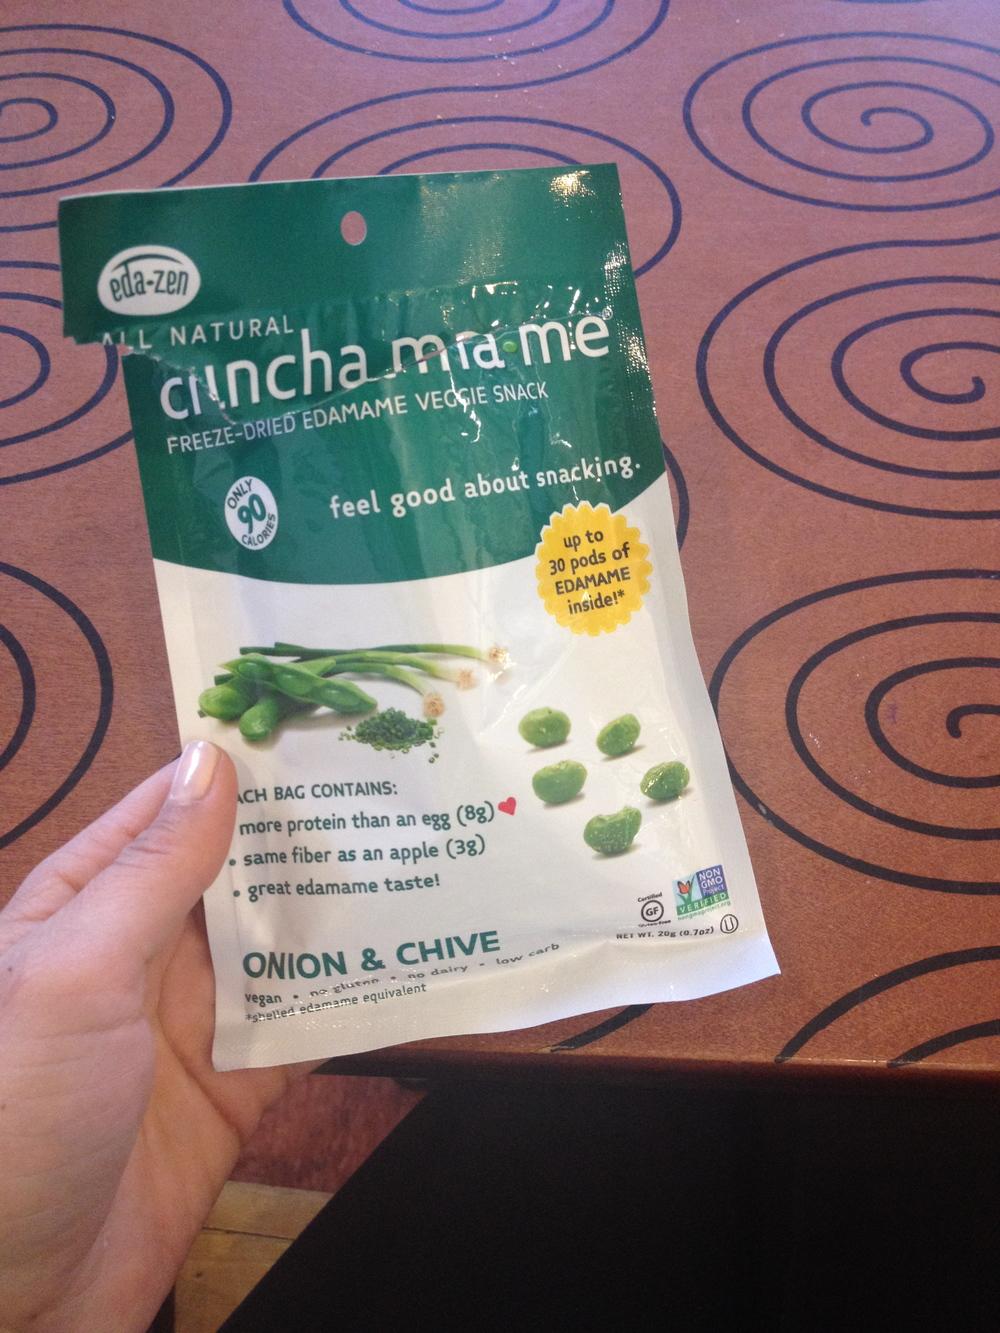 Crunchamame :: $1.99